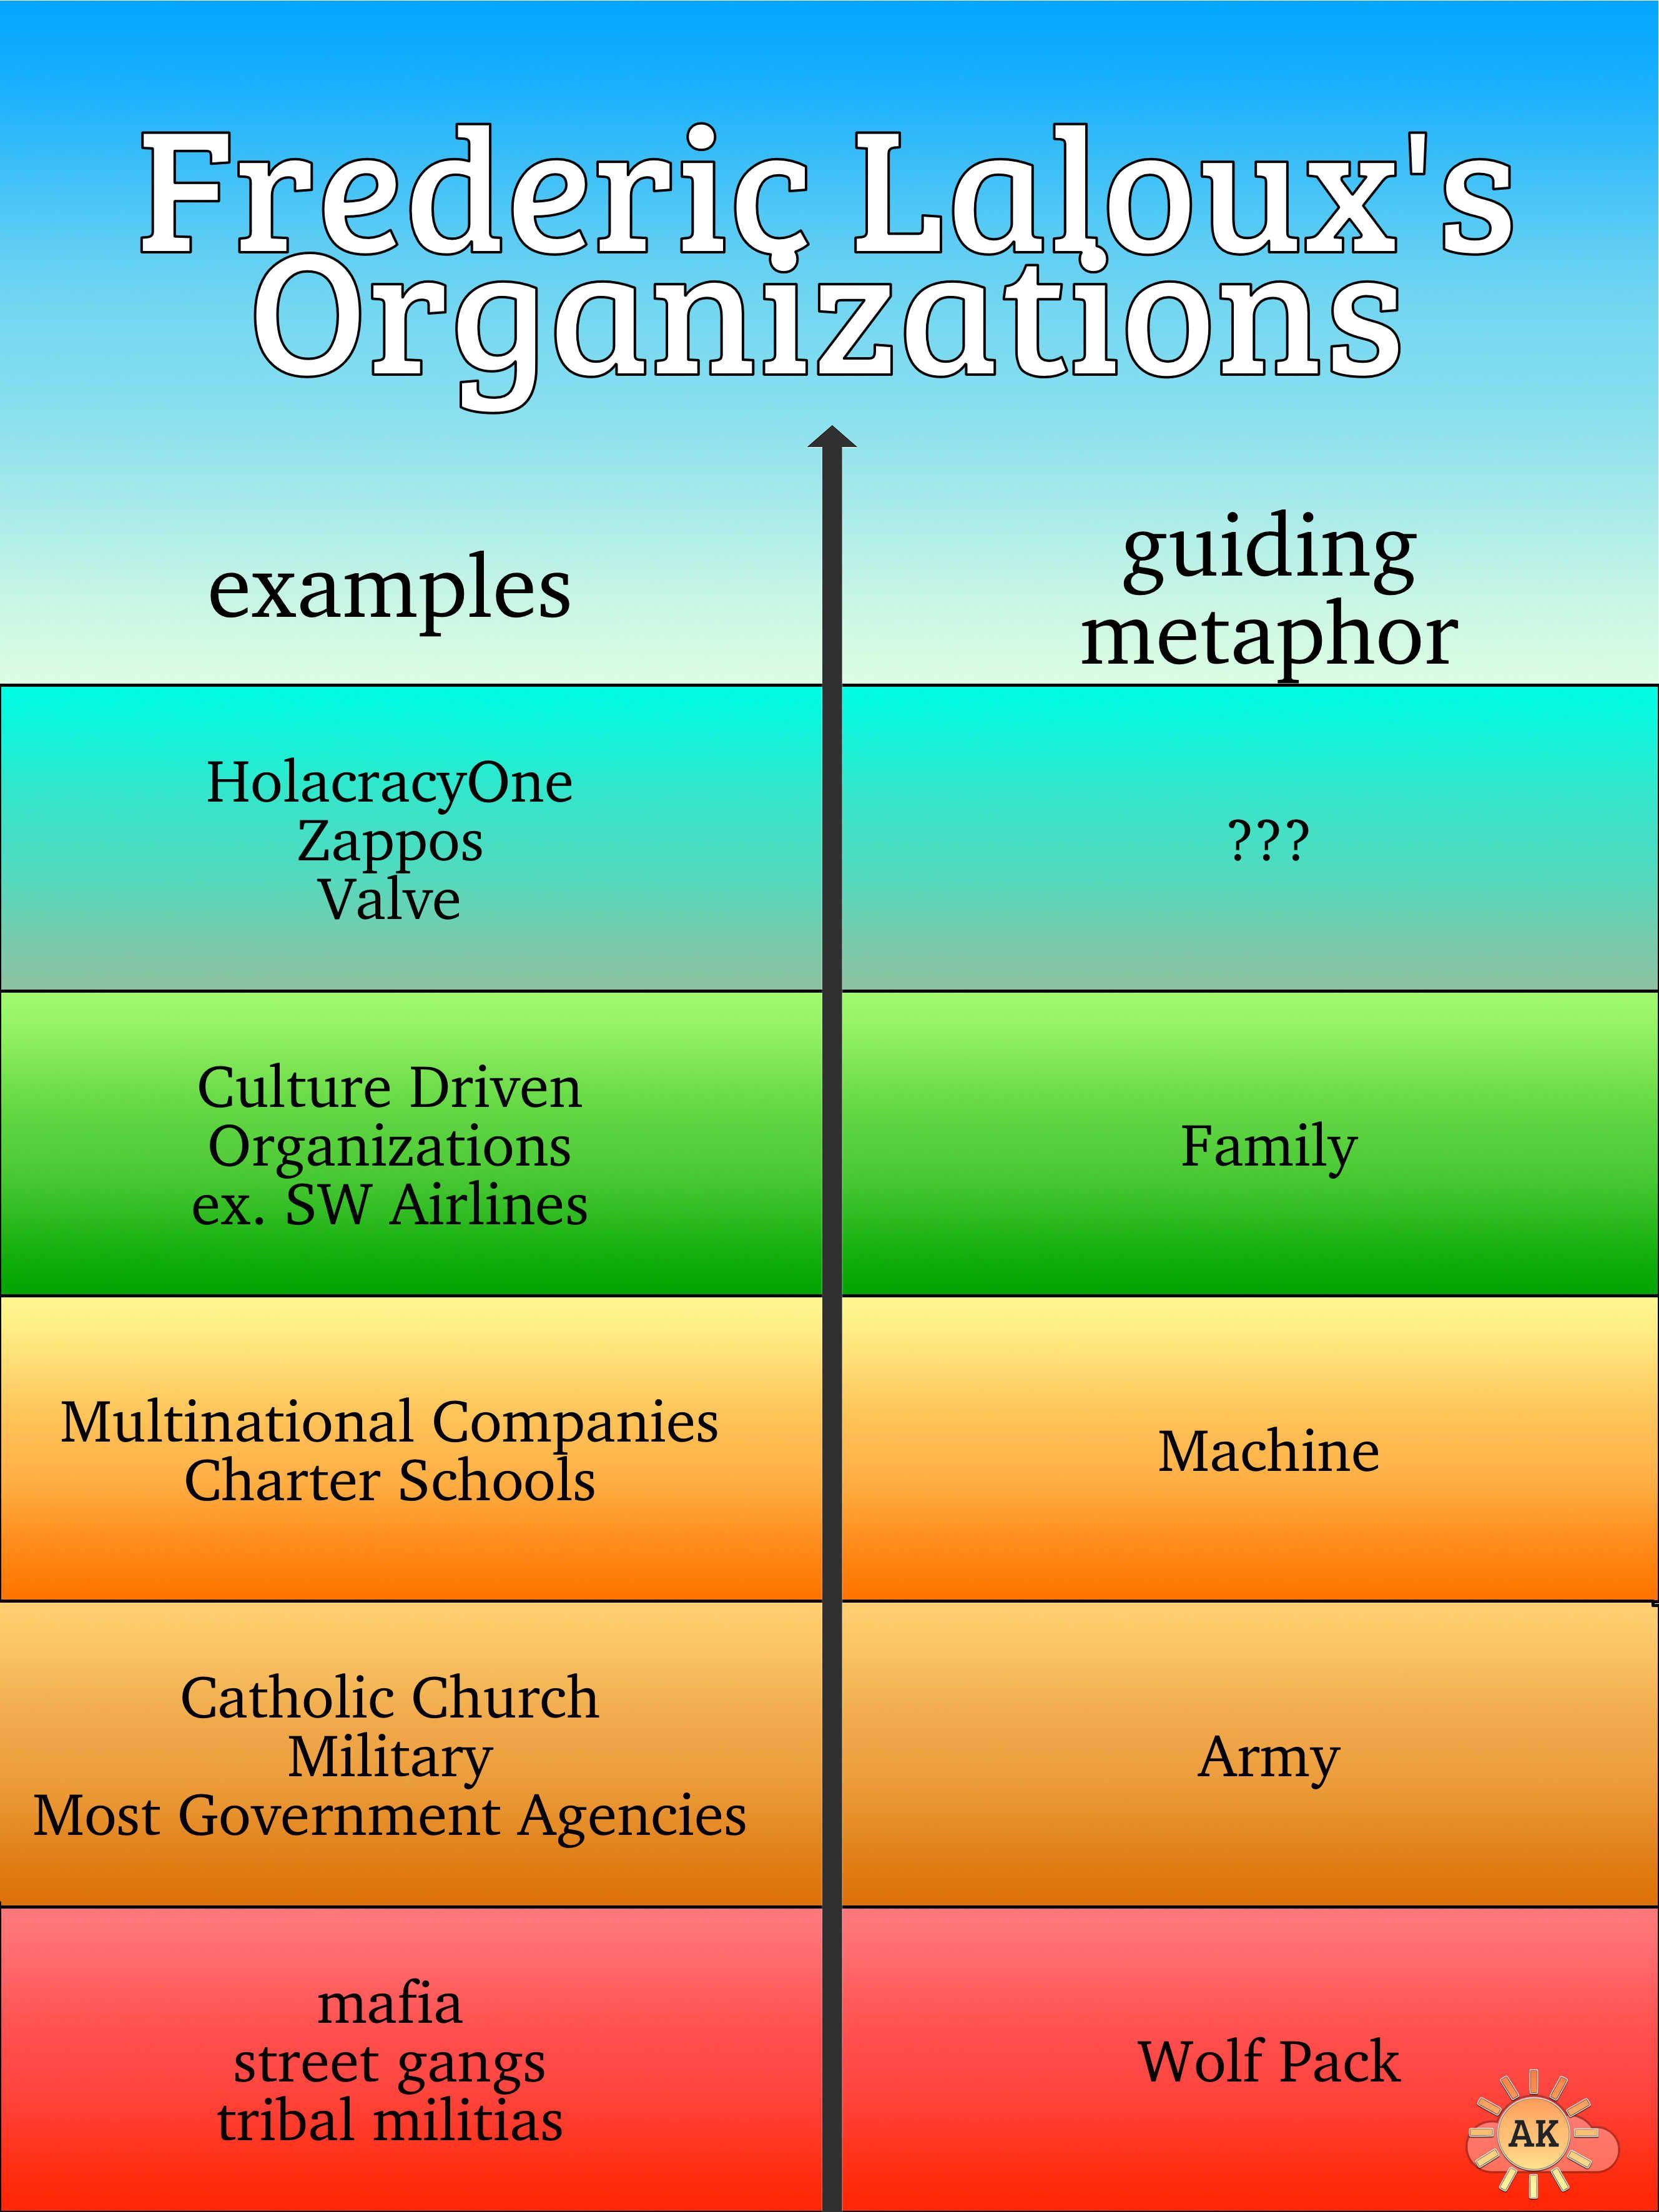 404 页面 内蒙古牧咏消防工程有限公司 Company Structure Charter School Family Organizer